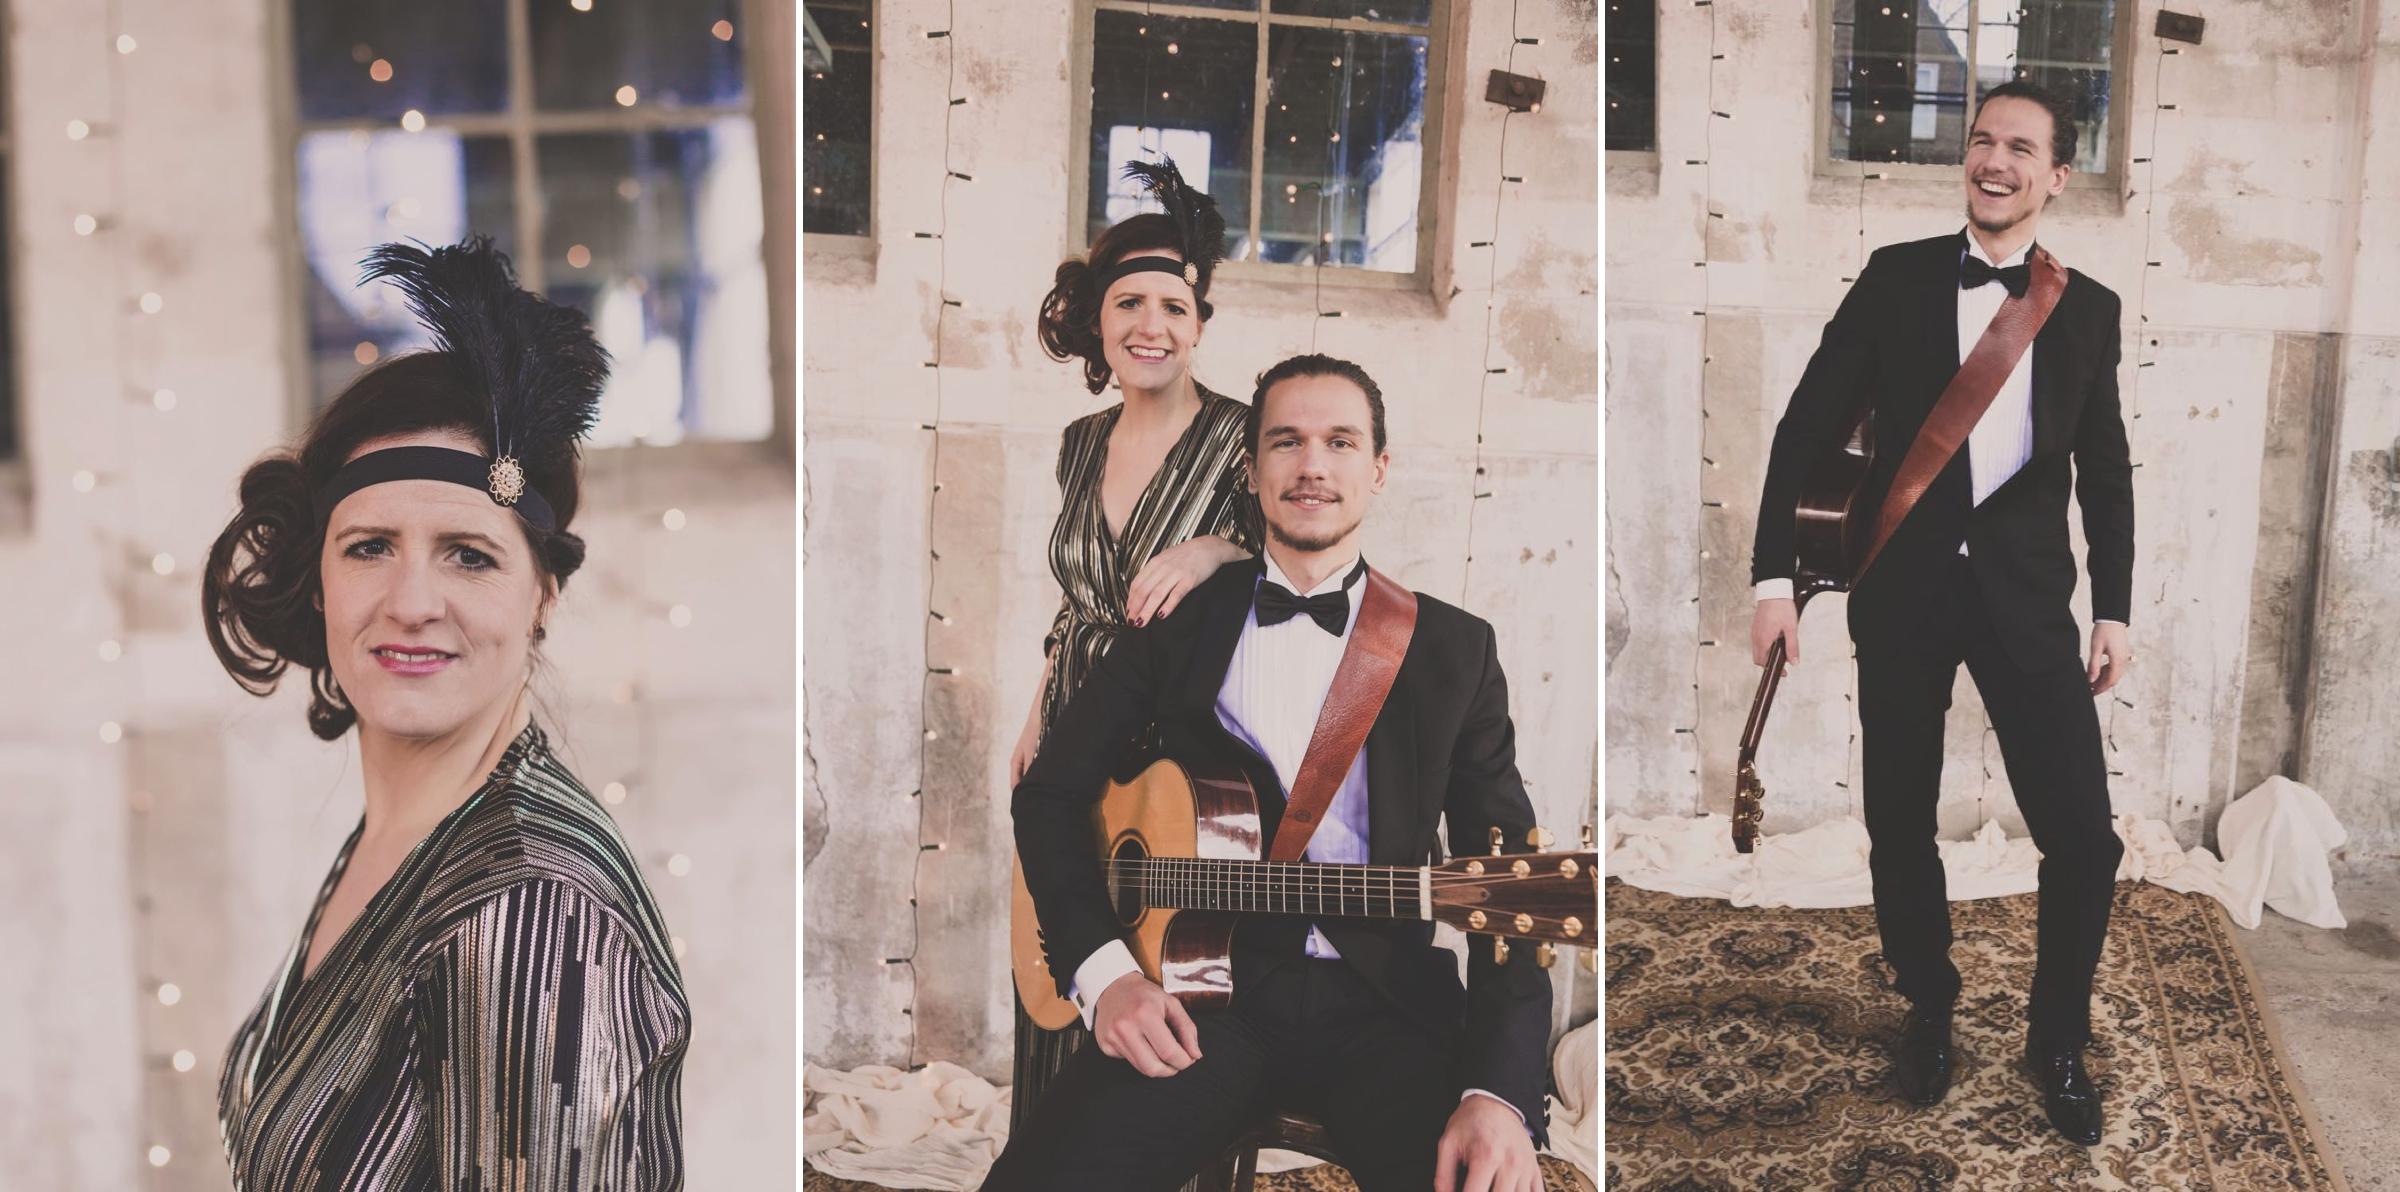 Zingen op je bruiloft, akoestische muziek bij de ceremonie